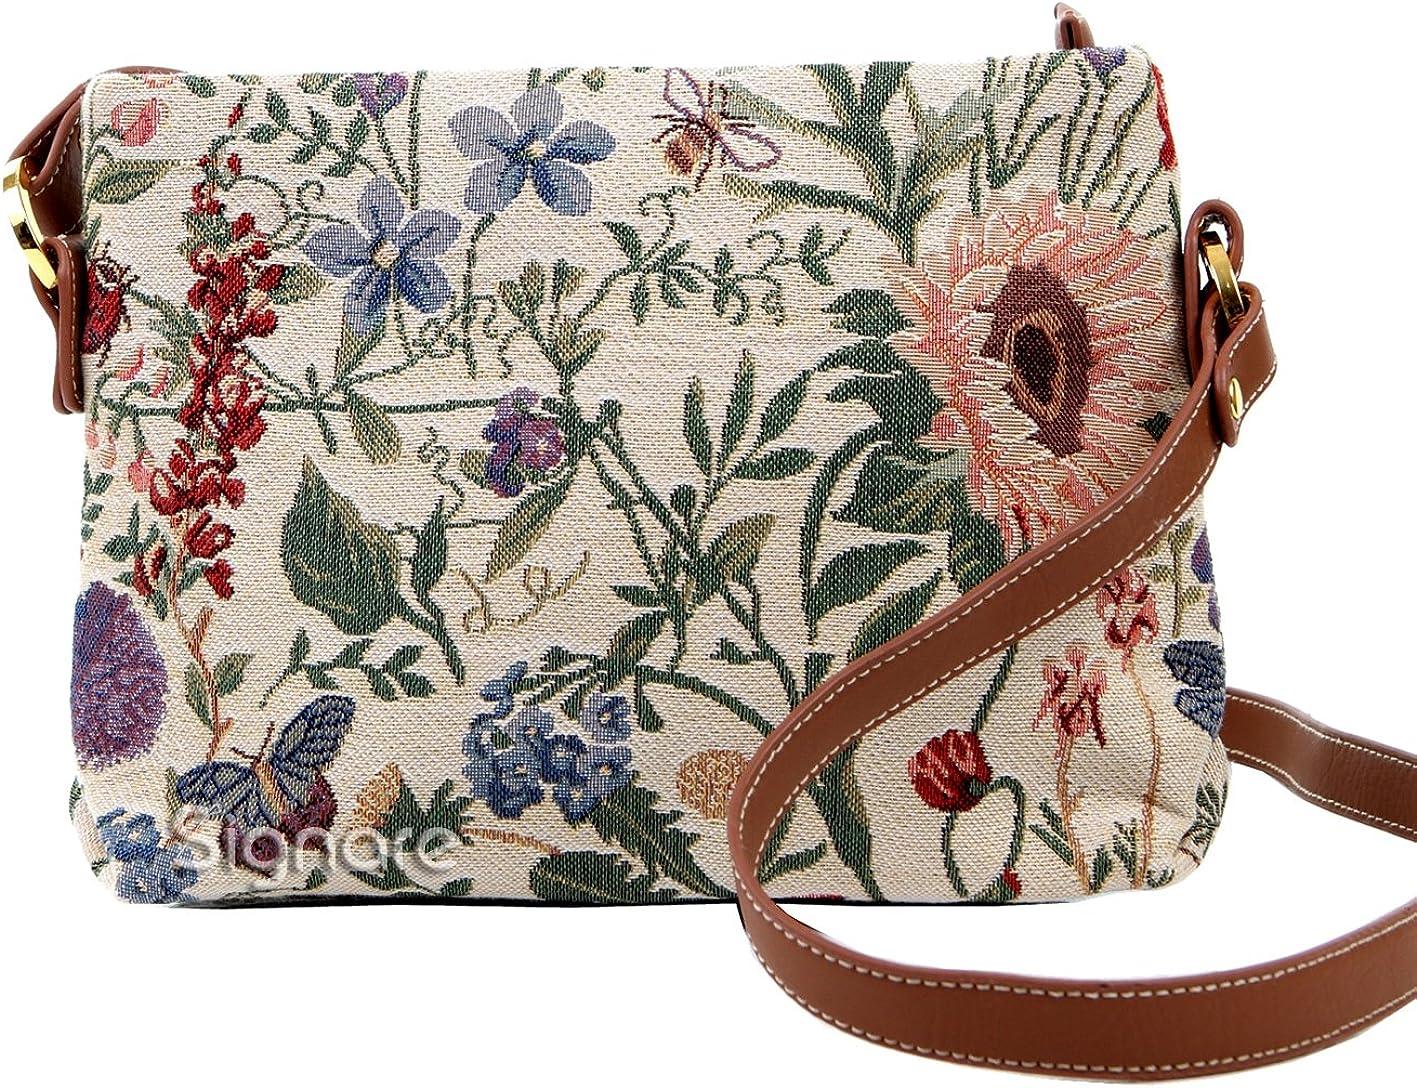 Signare Bolso tapiz de hombro de moda mujer bolso de mano en bandolera bolso messenger Floral